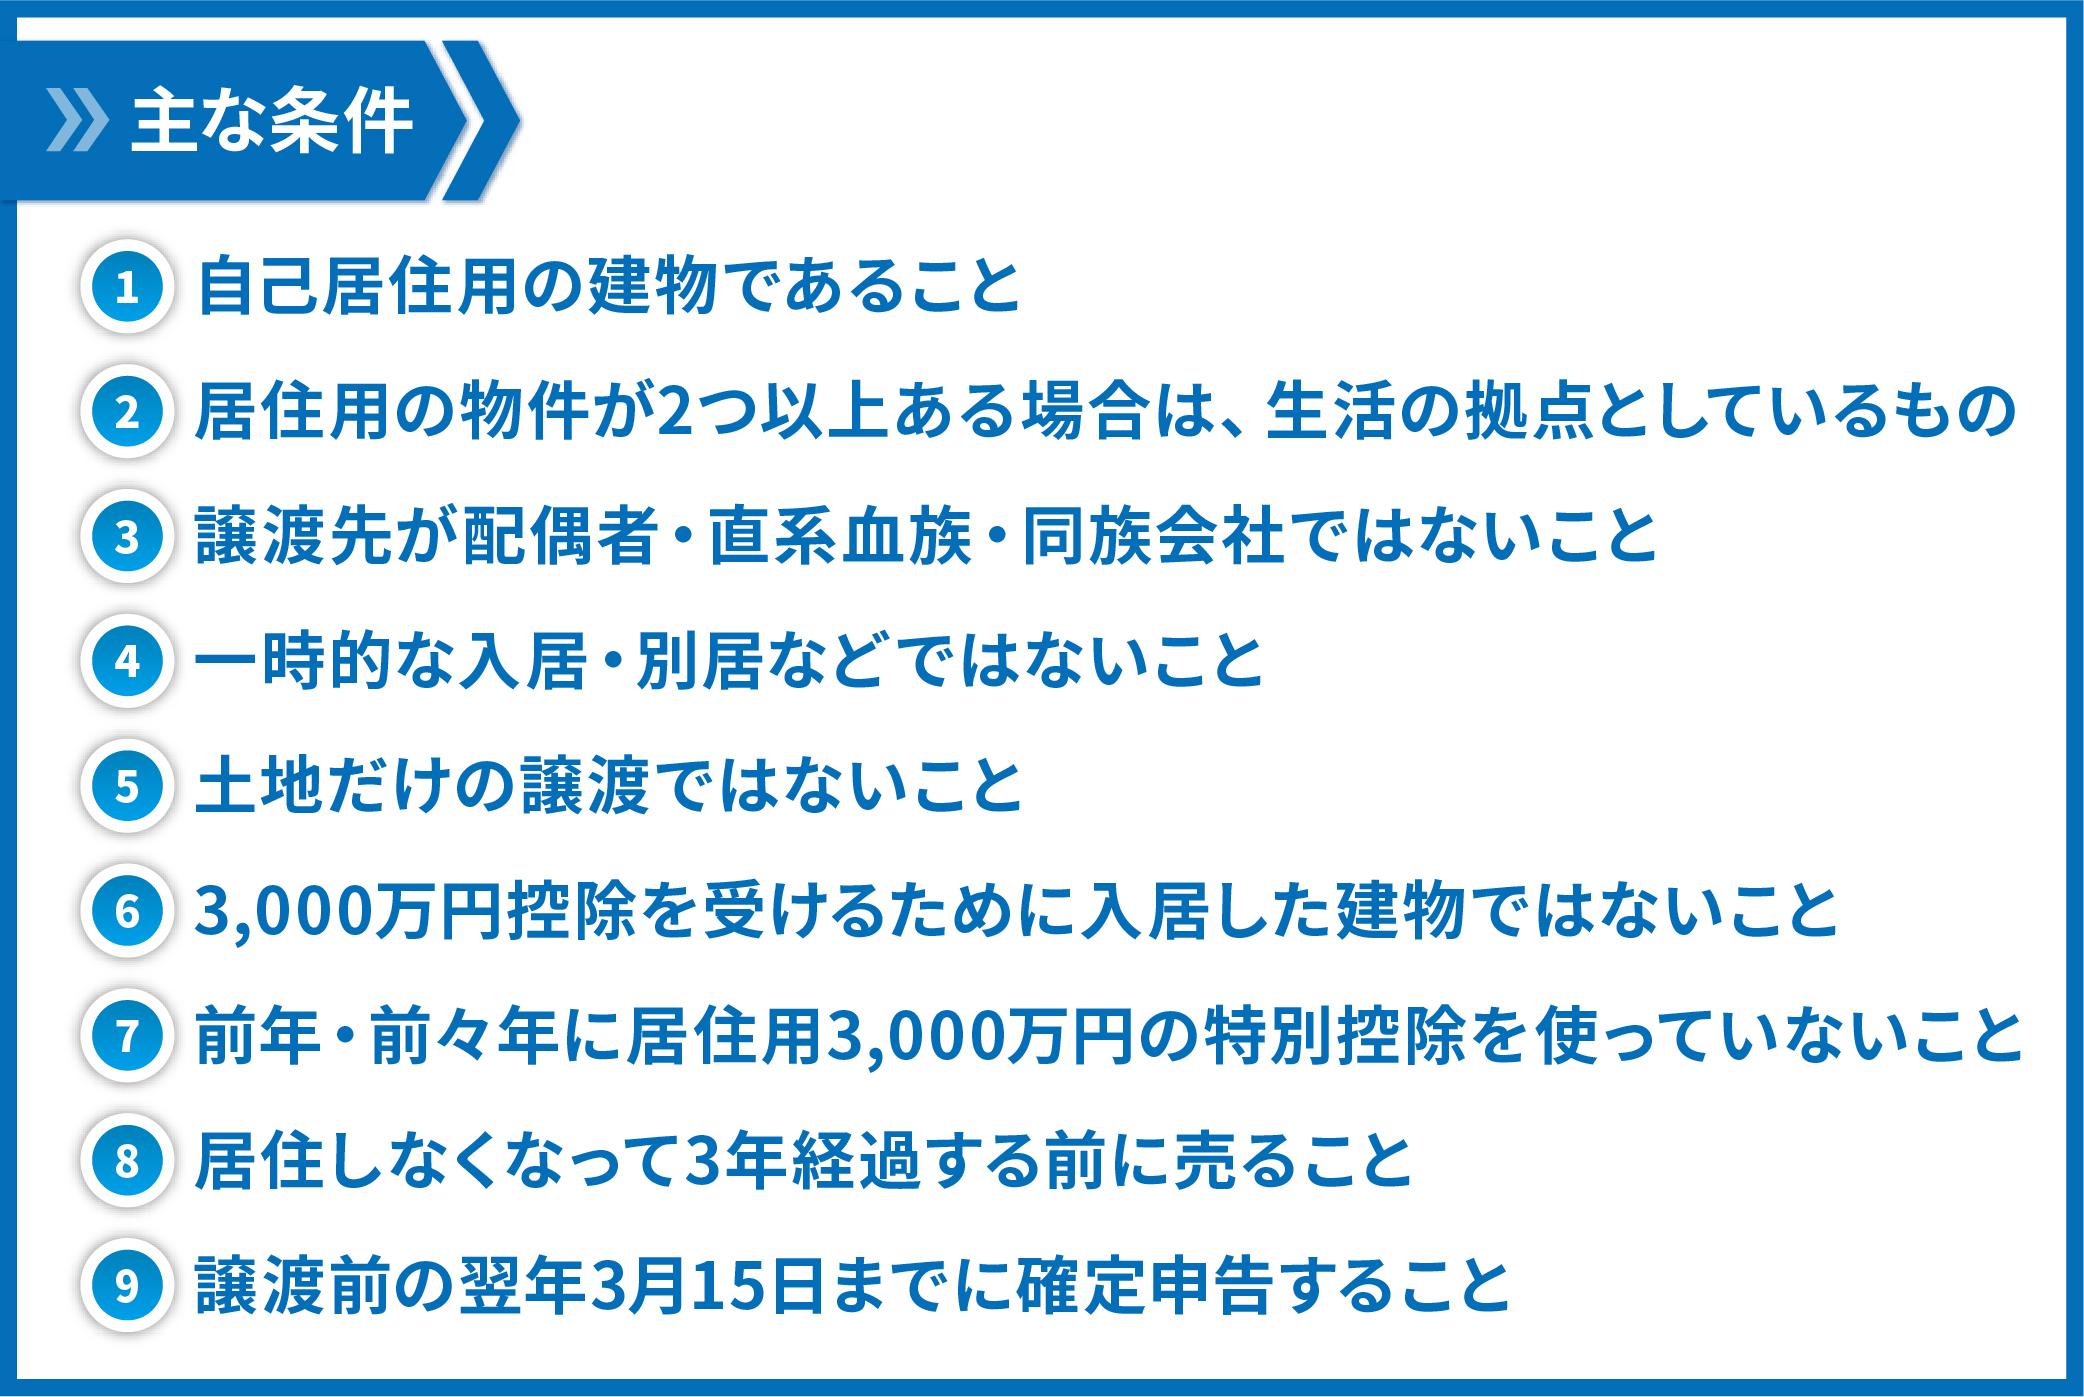 3000万円控除の条件